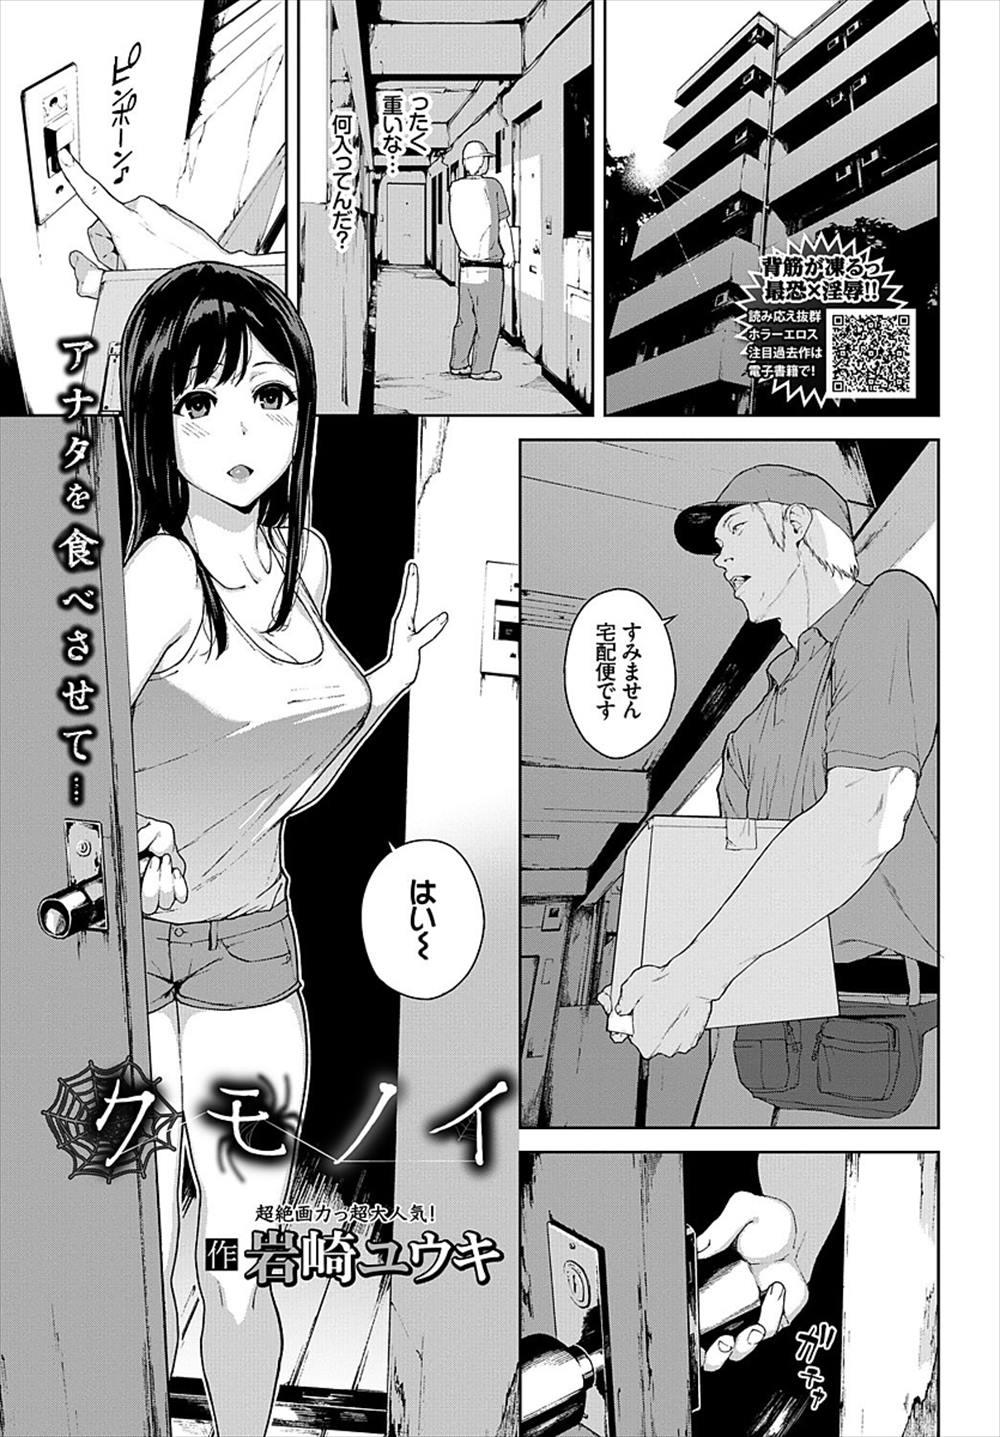 【エロ漫画】胸チラ誘惑してくる人妻…我慢できない宅配員に襲われNTR浮気ファック!【岩崎ユウキ:クモノイ】